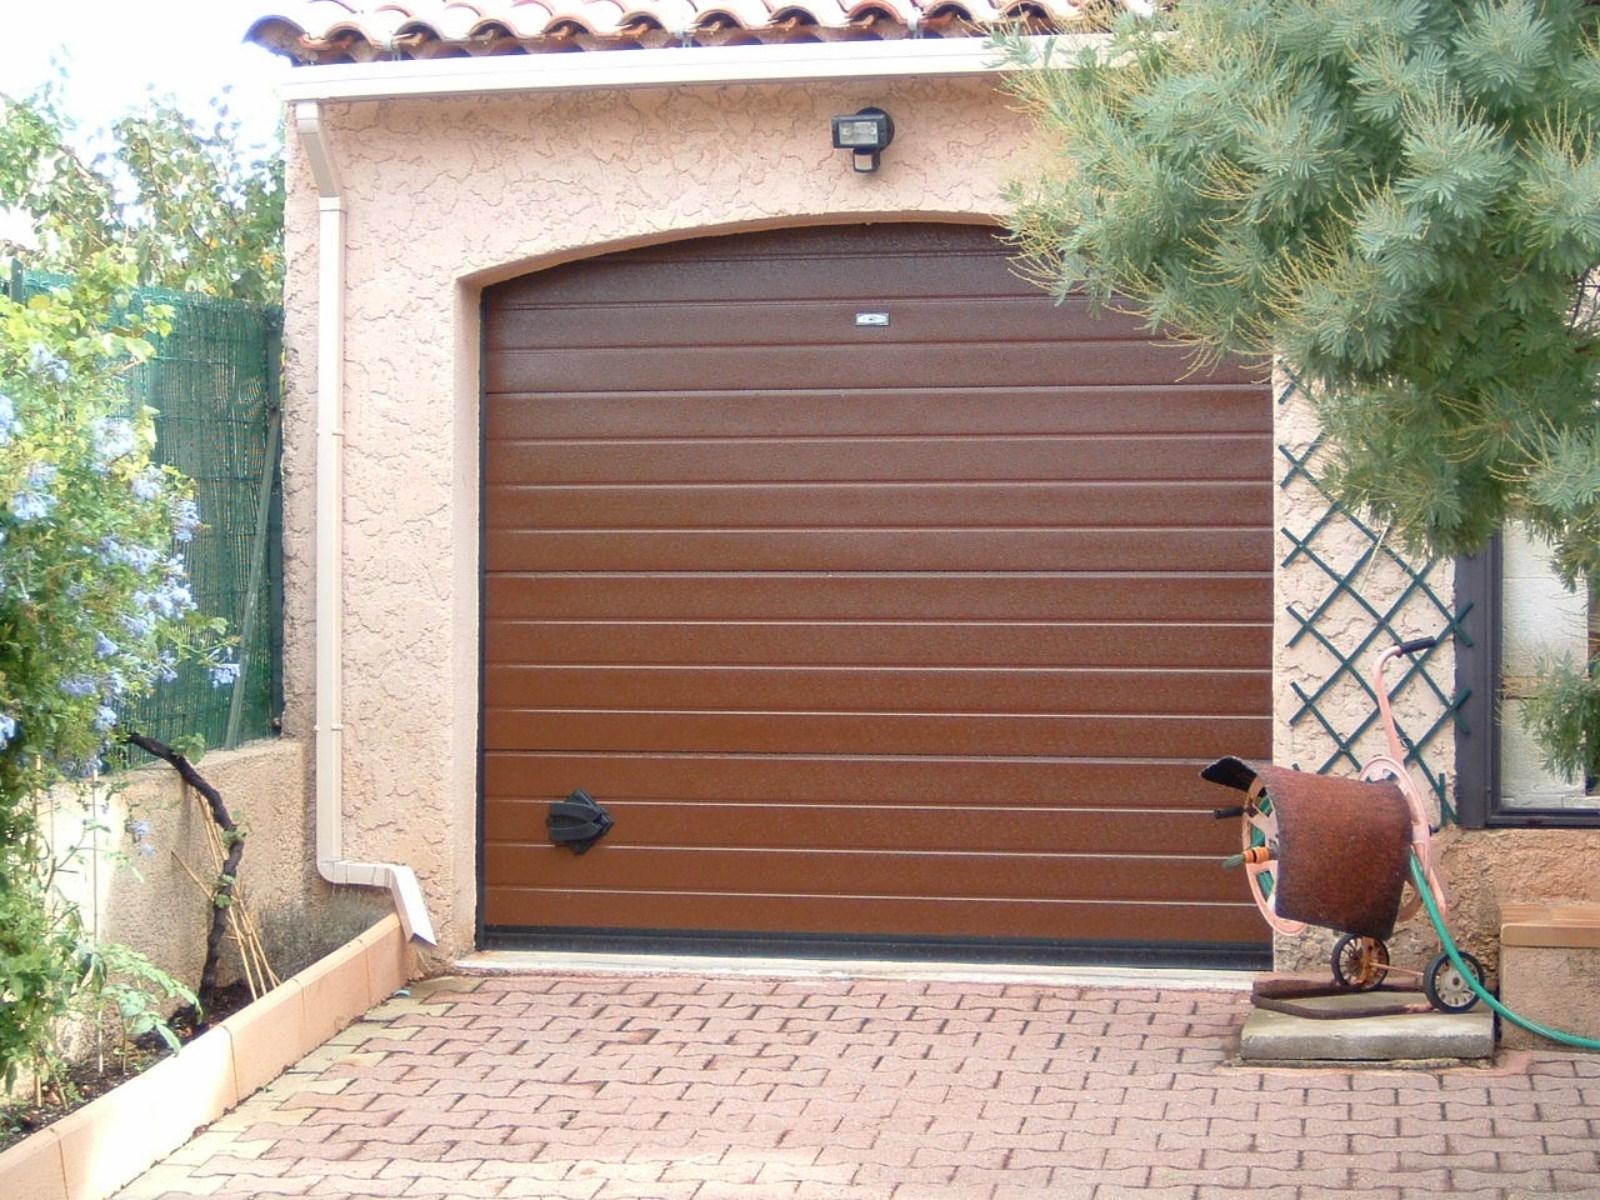 Porte de garage marron isolation id es - Porte pvc marron ...